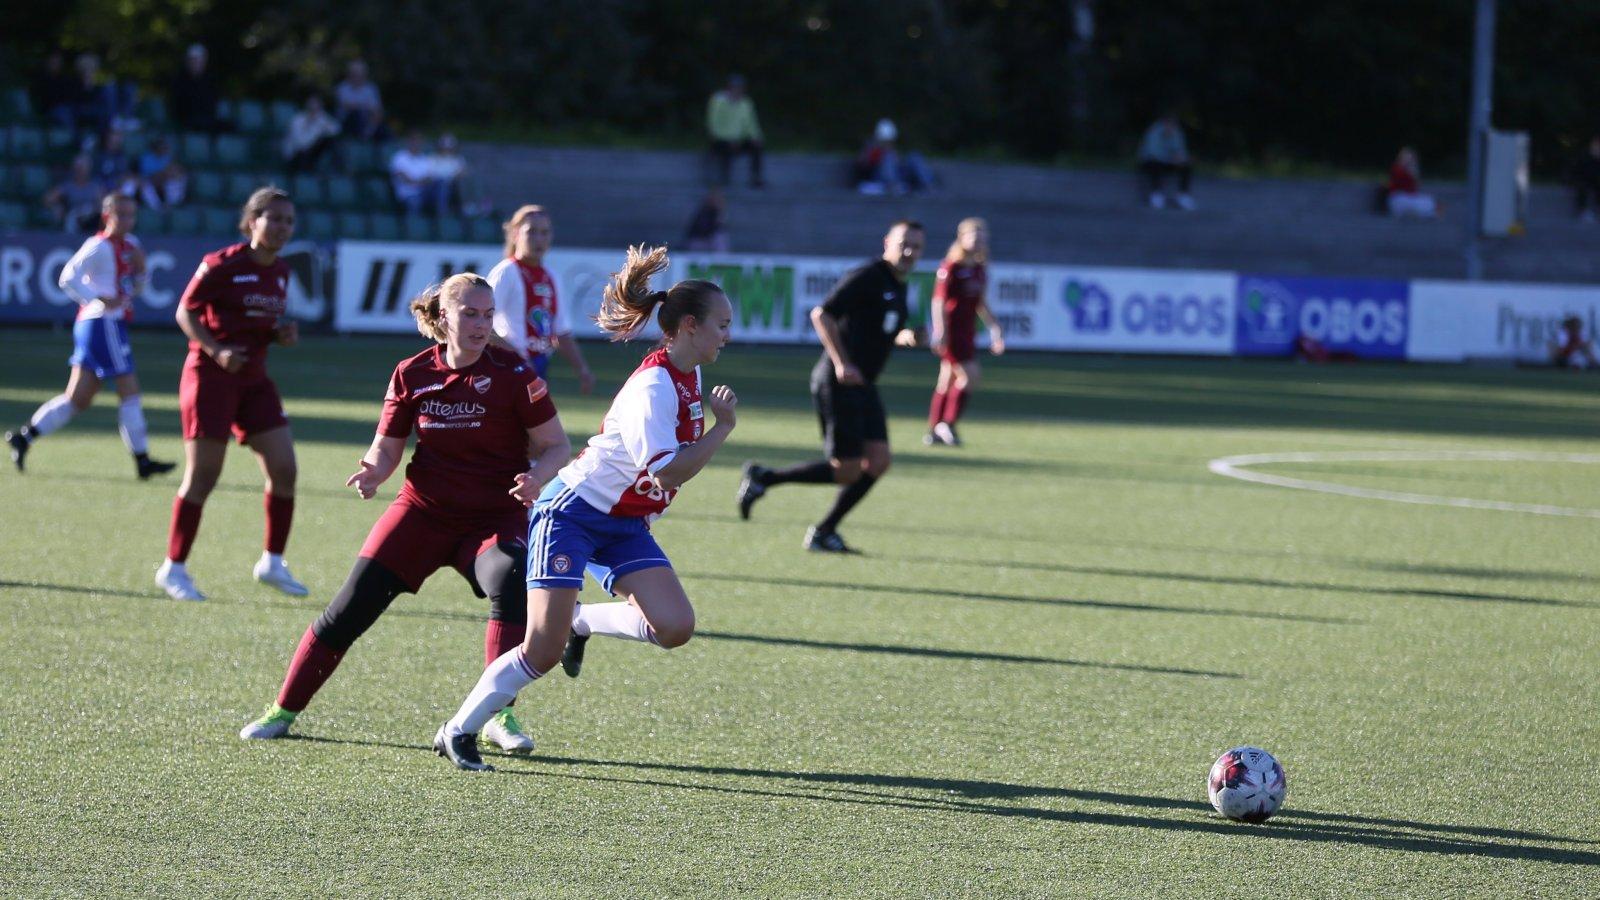 Emma Skredderberget er tilbake i KFUM etter opphold i Kolbotn og Vålerenga. Foto: Guttorm Lende